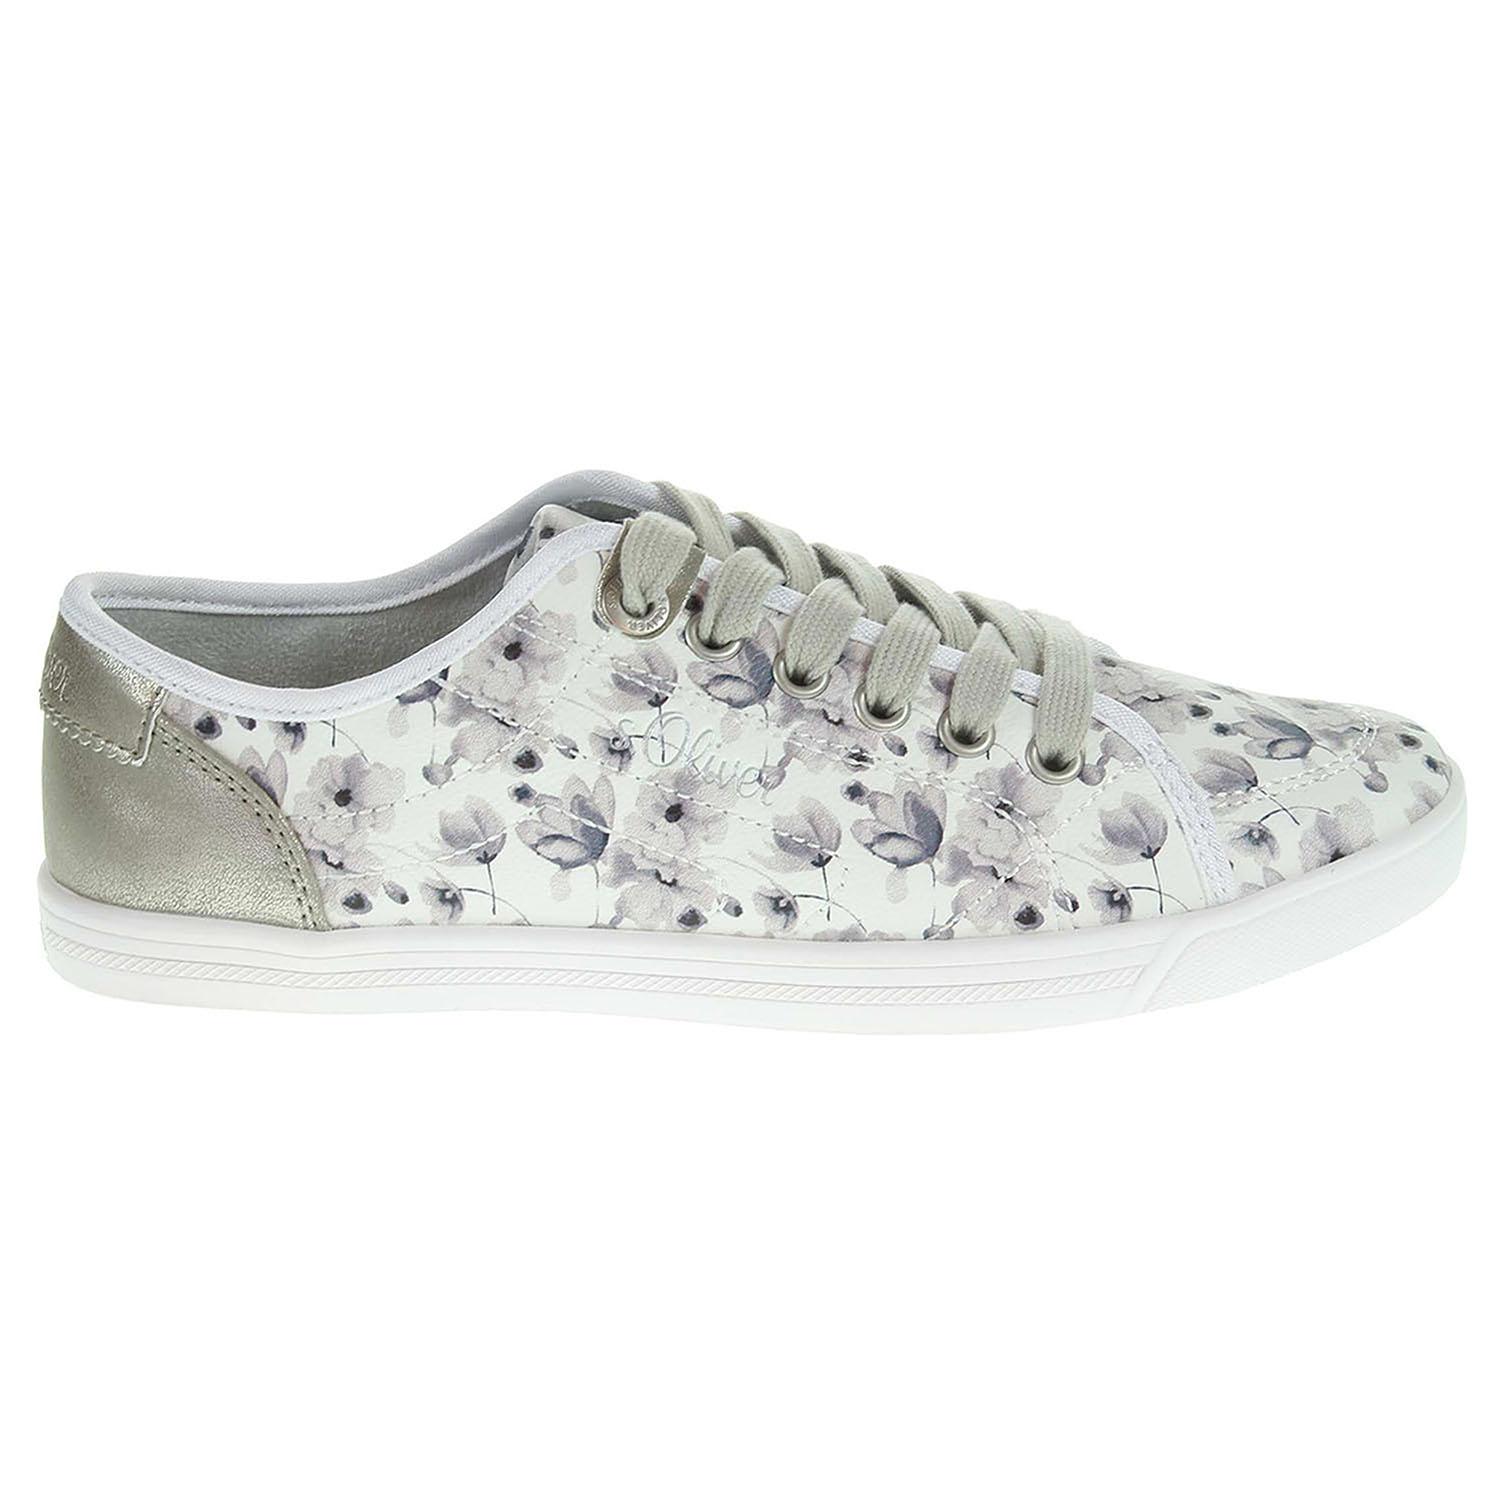 s.Oliver dámská obuv 5-23631-26 šedá-bílá 40 šedá šedá